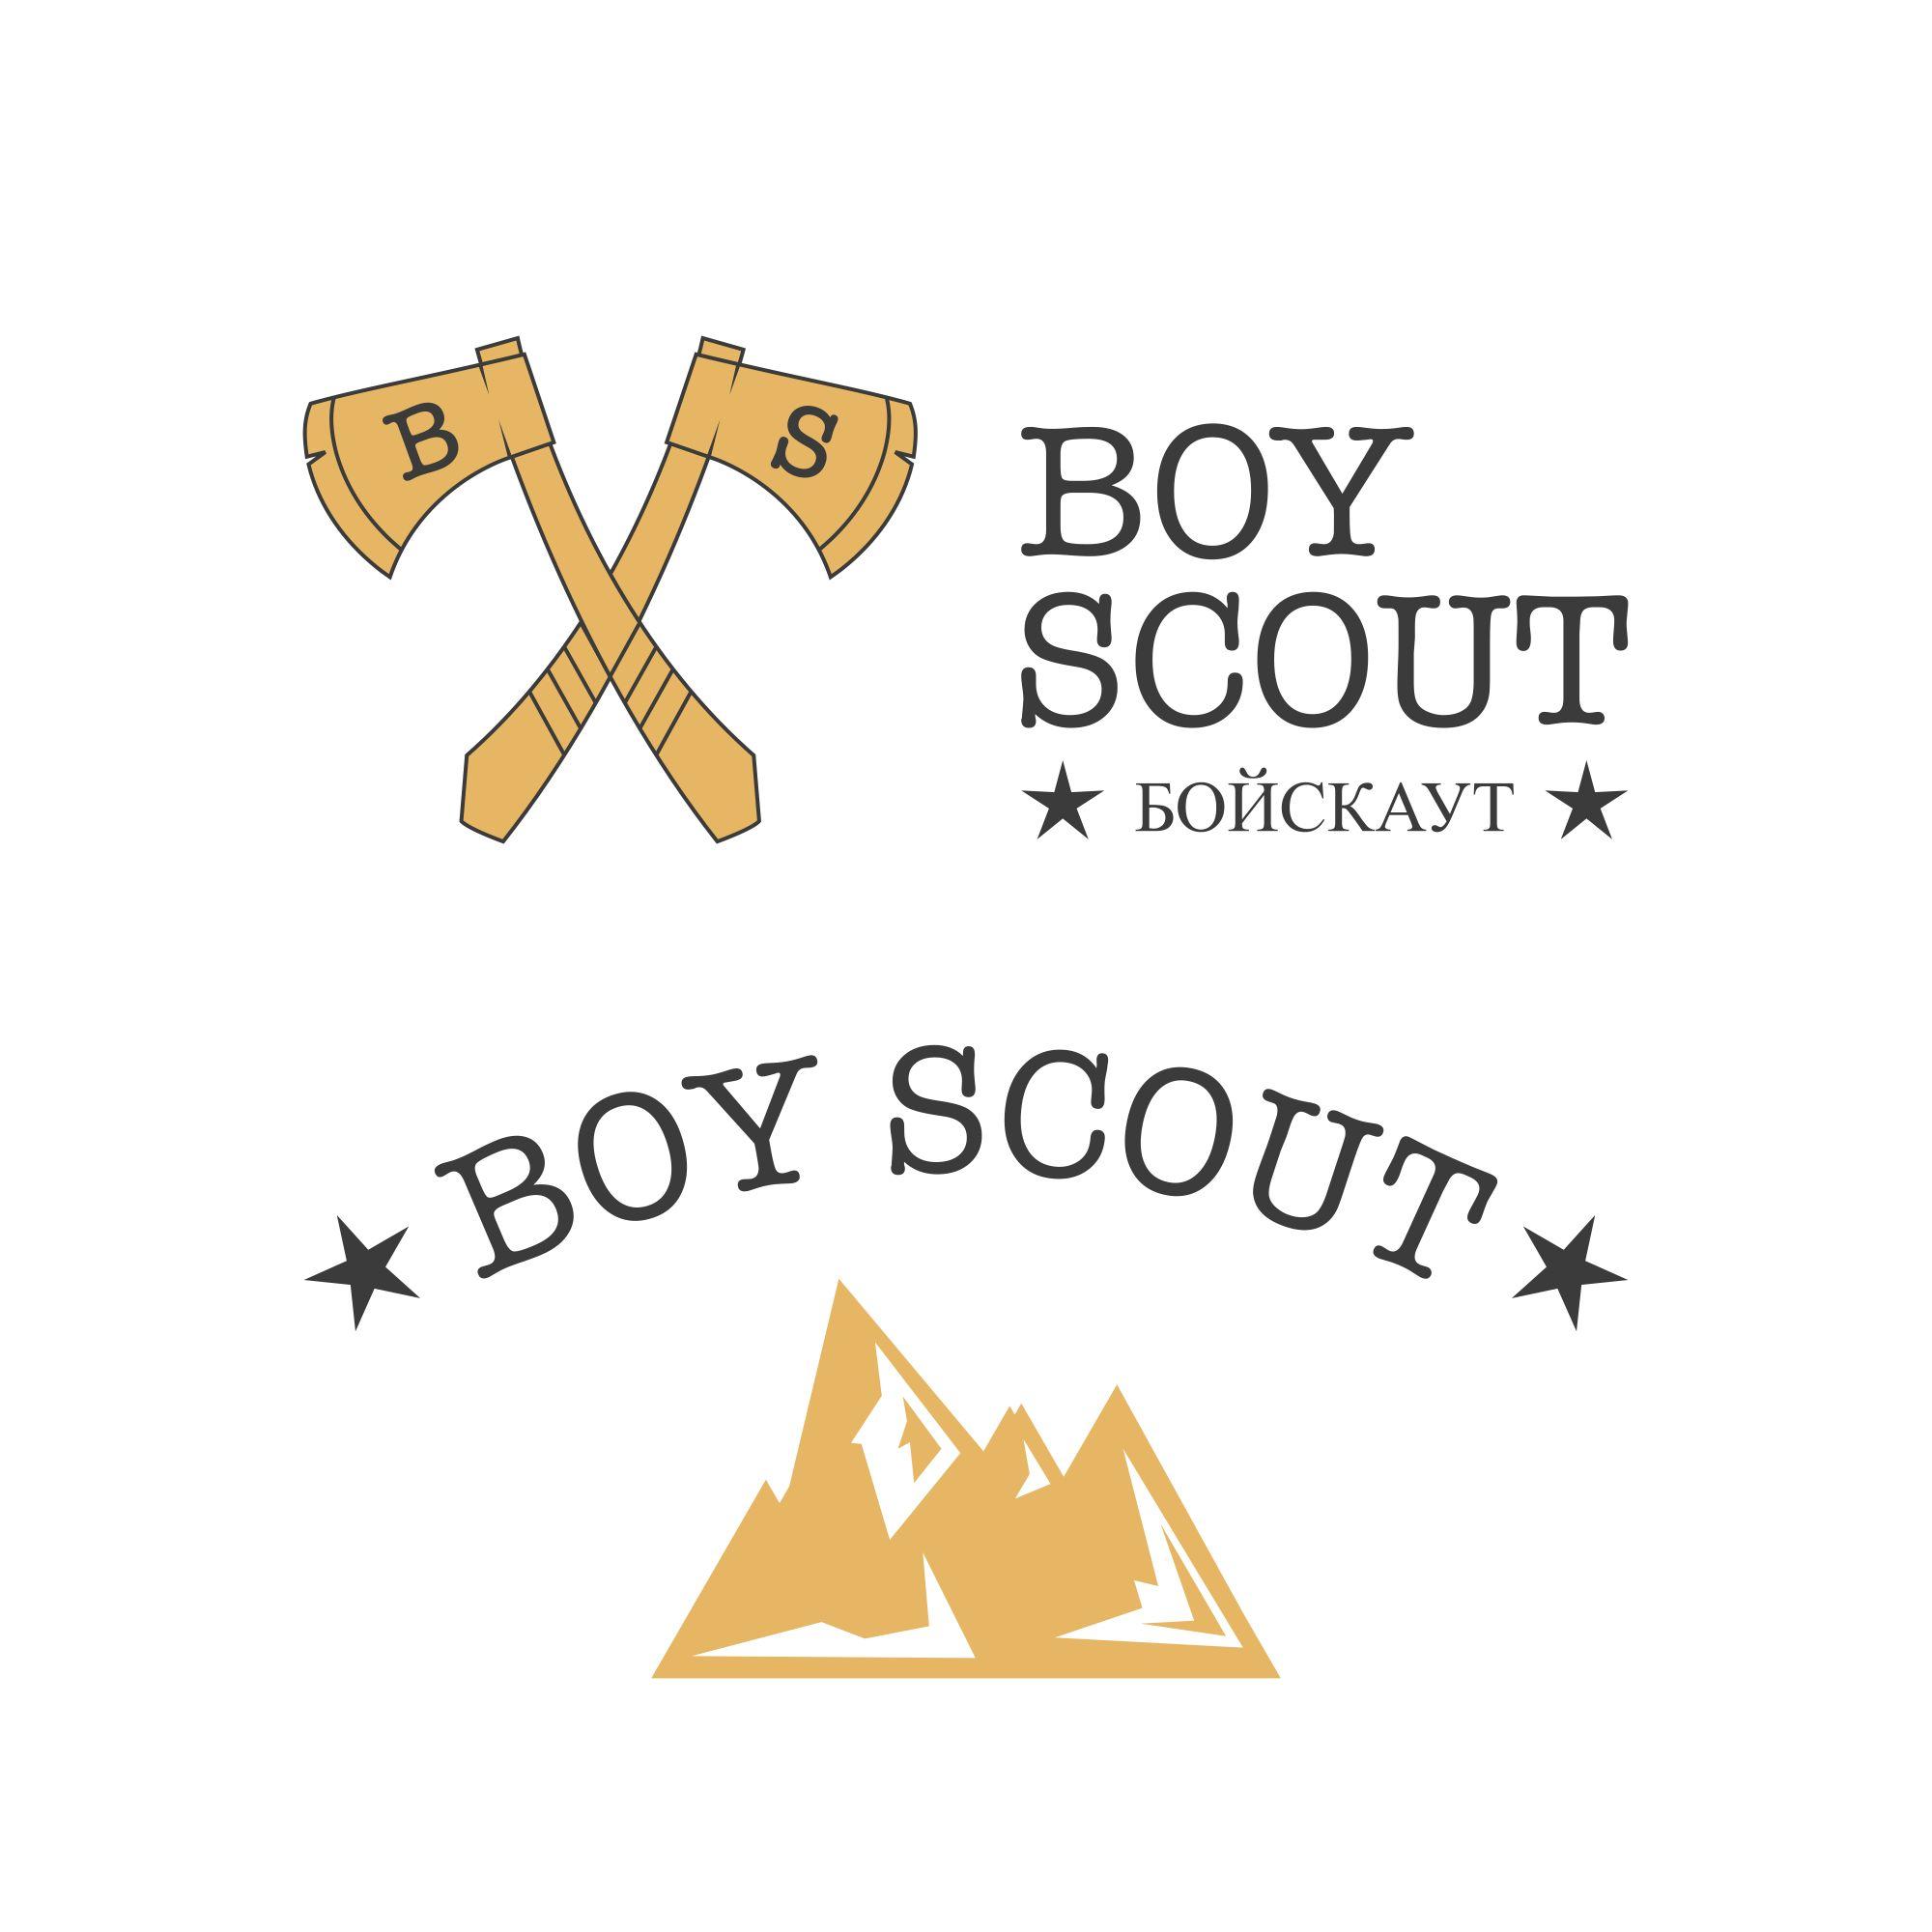 Логотип для сайта интернет-магазина BOY SCOUT - дизайнер ChiefHao